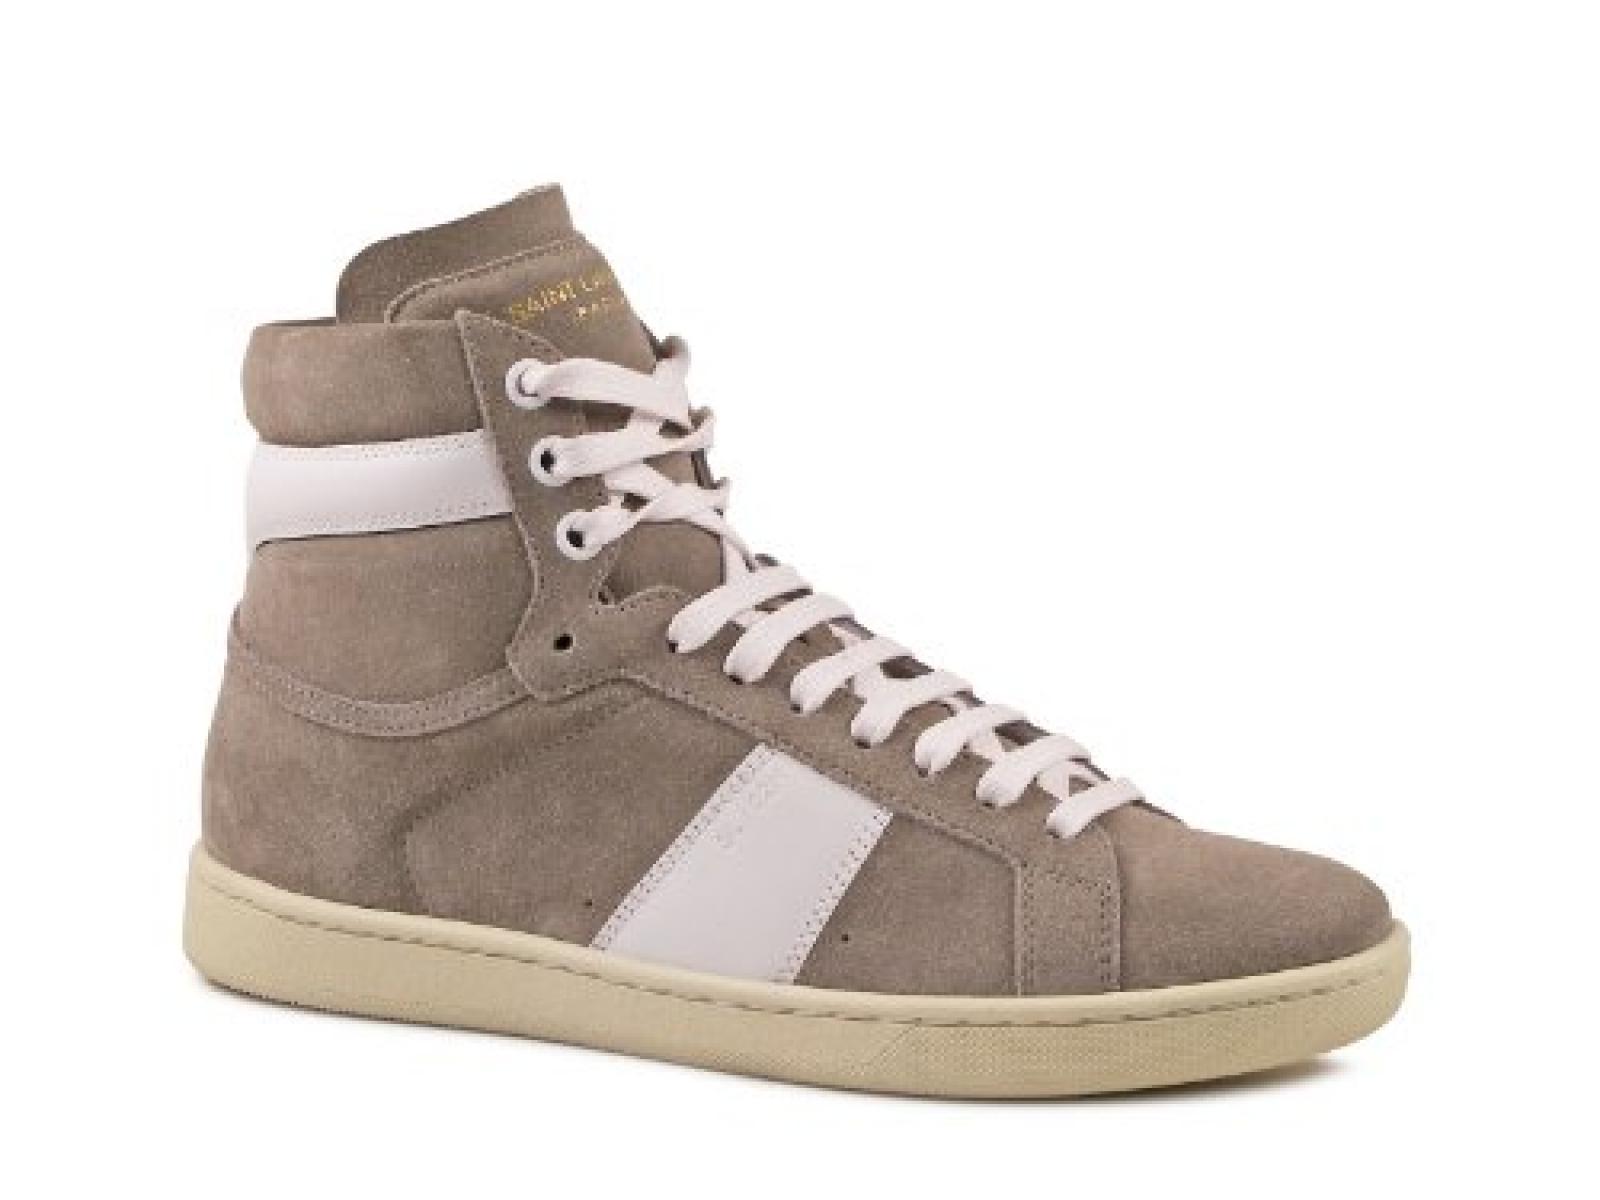 Saint Laurent Womens Graphit Patent Leder hi-Top sneakers - Modellnummer: 327827 BT320 1191